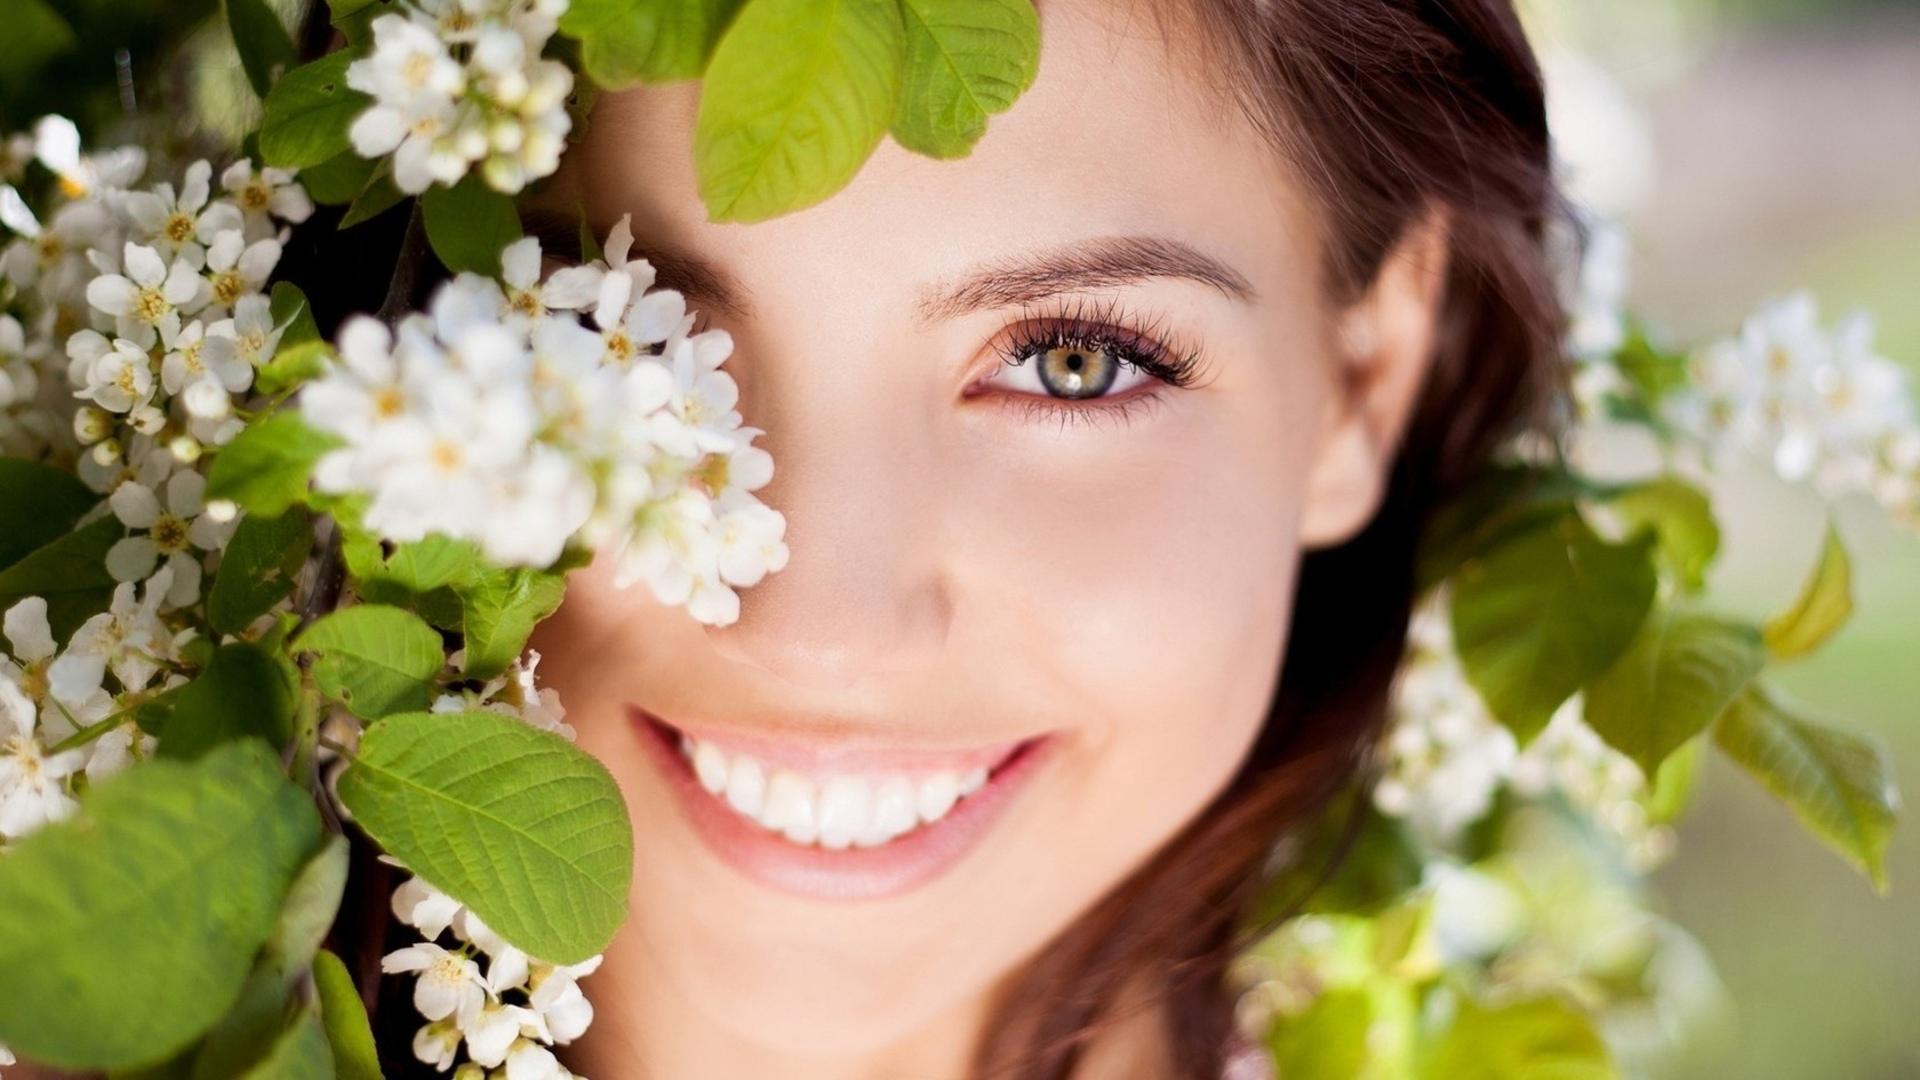 بالصور صور اجمل ابتسامه , اجمل الصور للابتسامة 1500 8